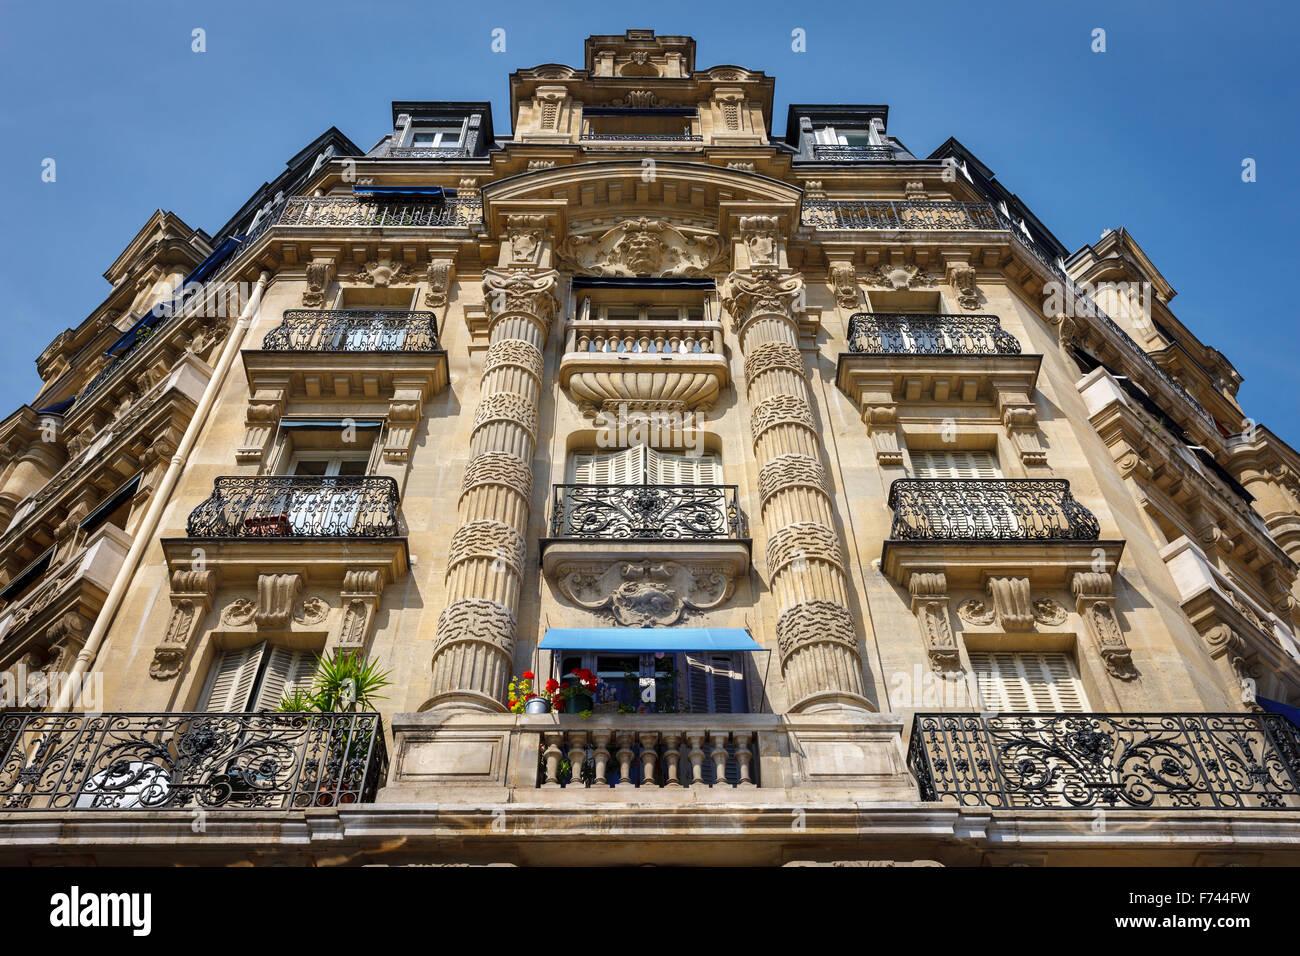 Arquitectura de París: fachada de estilo Haussmann y ornamentos en el 12th arrondissement, orilla derecha Imagen De Stock